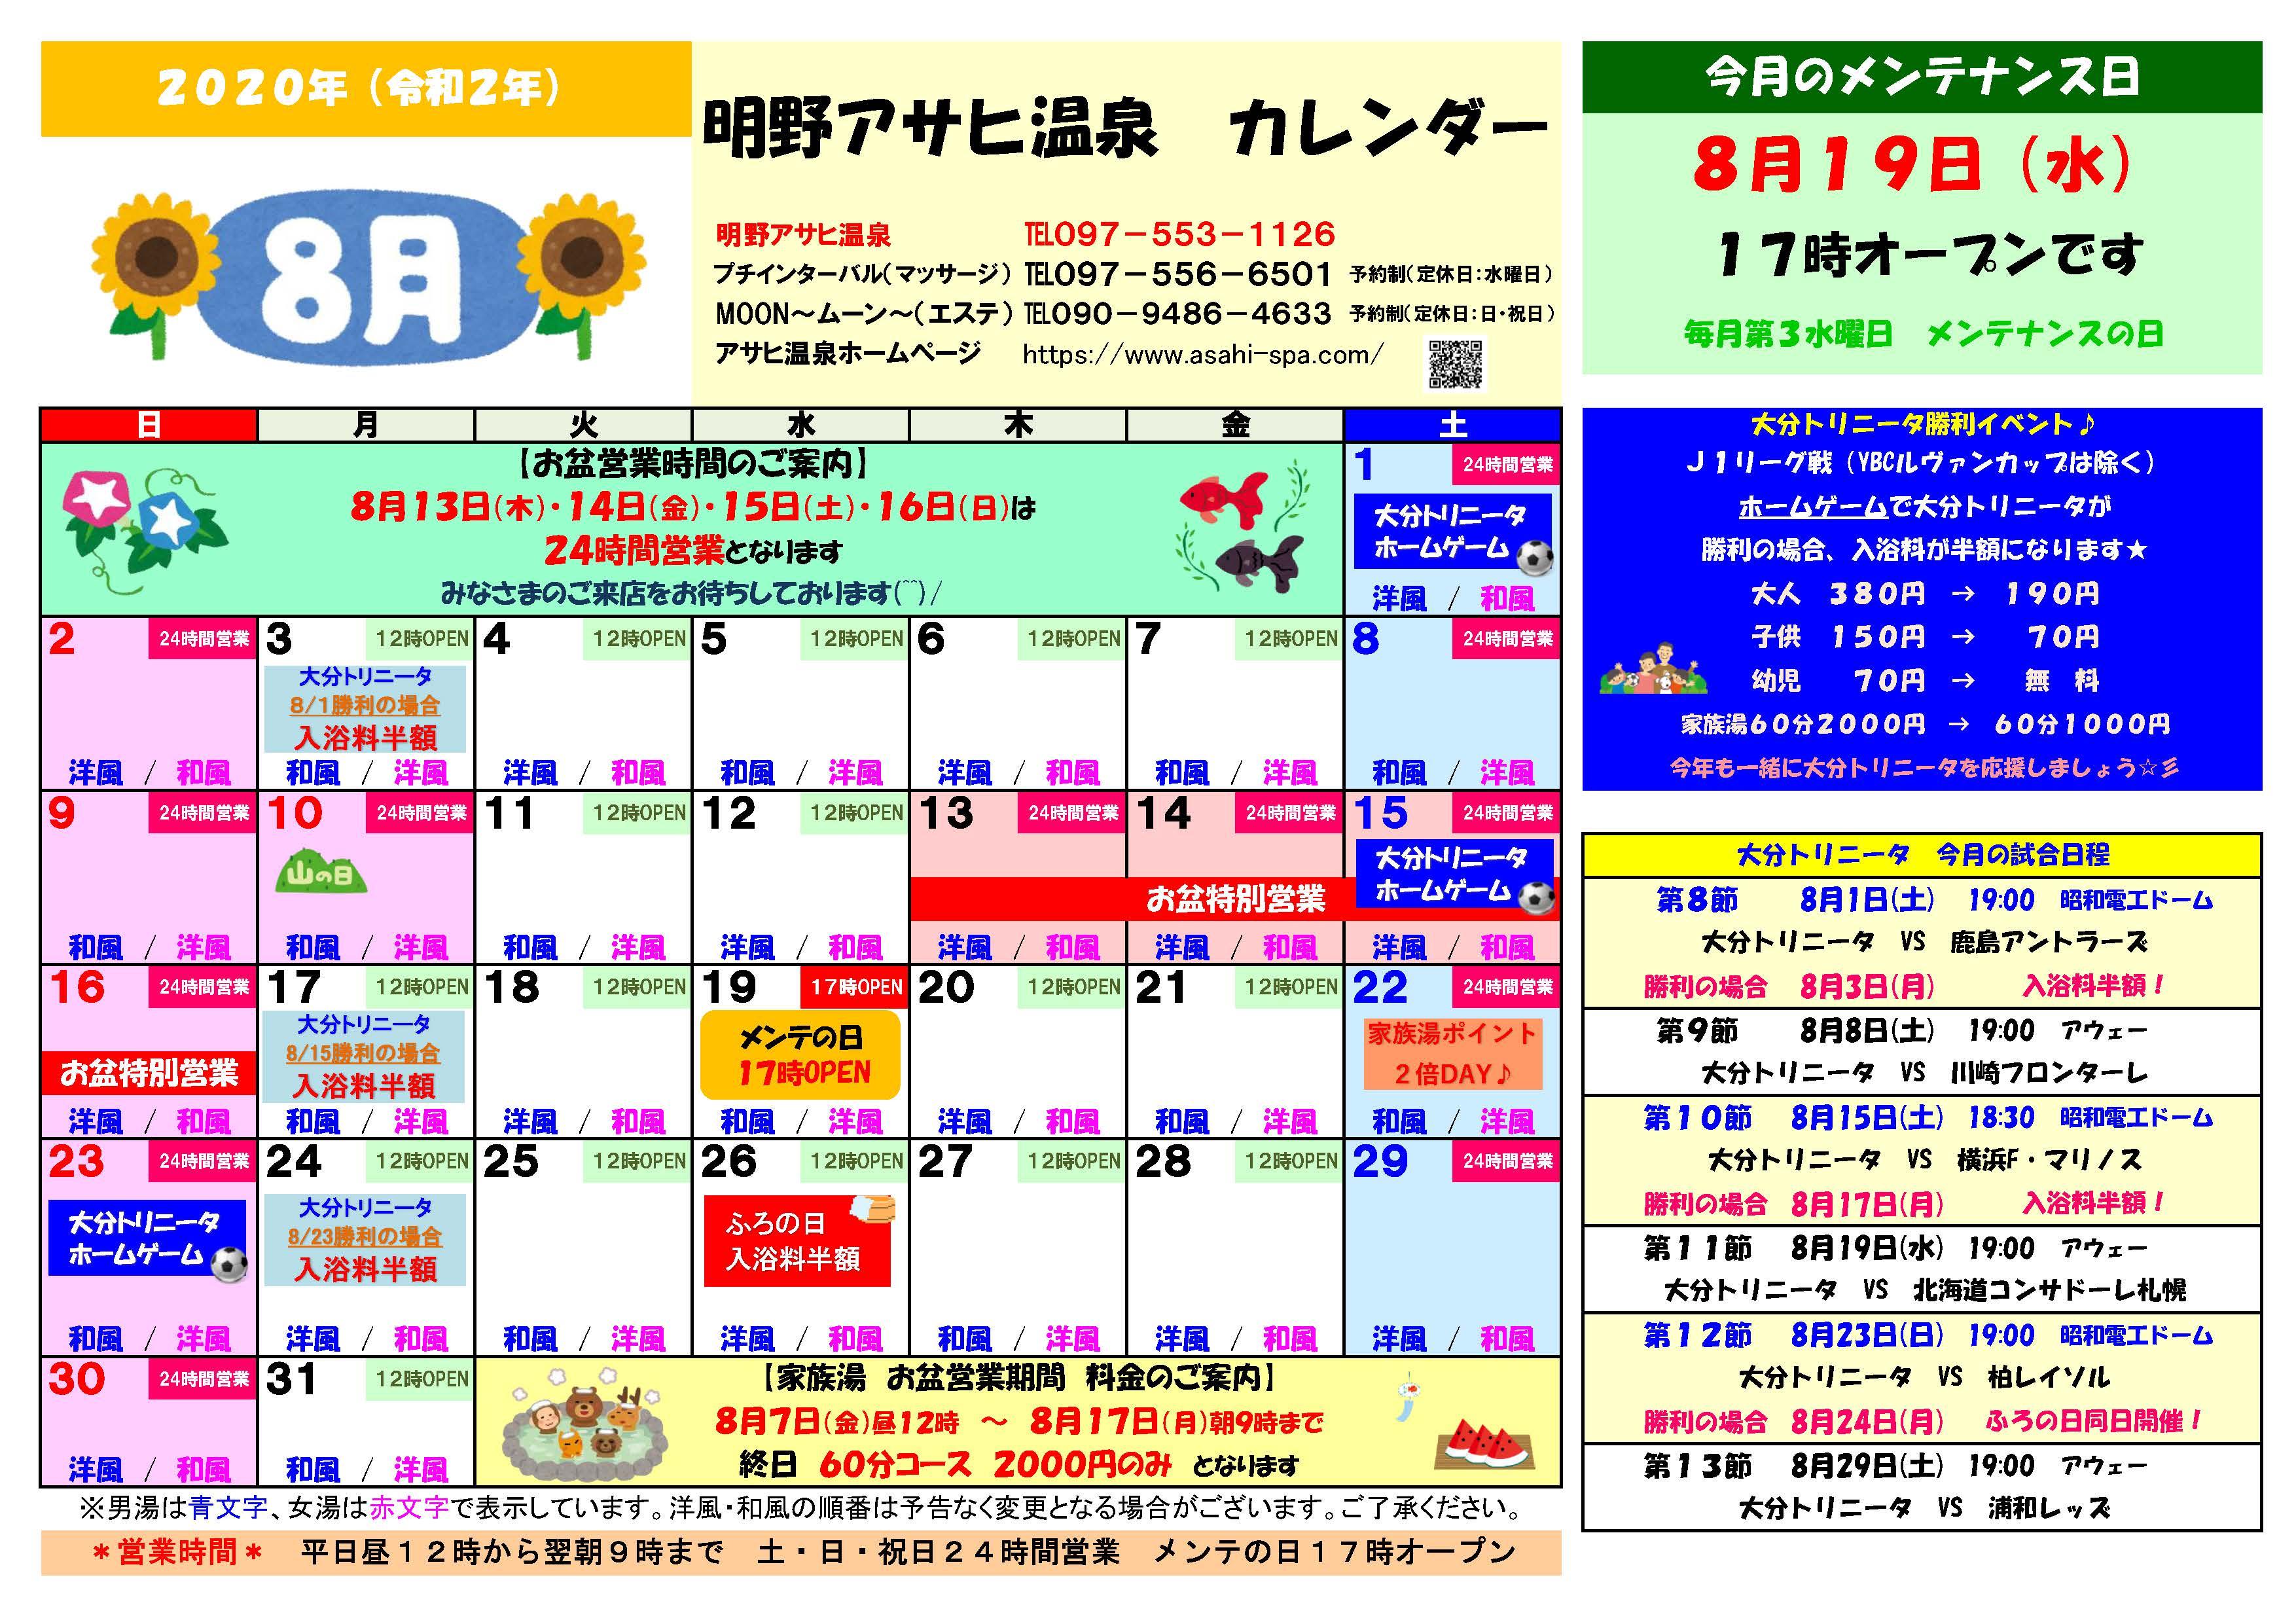 家族風呂・露天風呂なら大分県大分市の天然温泉「アサヒ温泉」がおすすめ! イベントカレンダー2020年8月画像